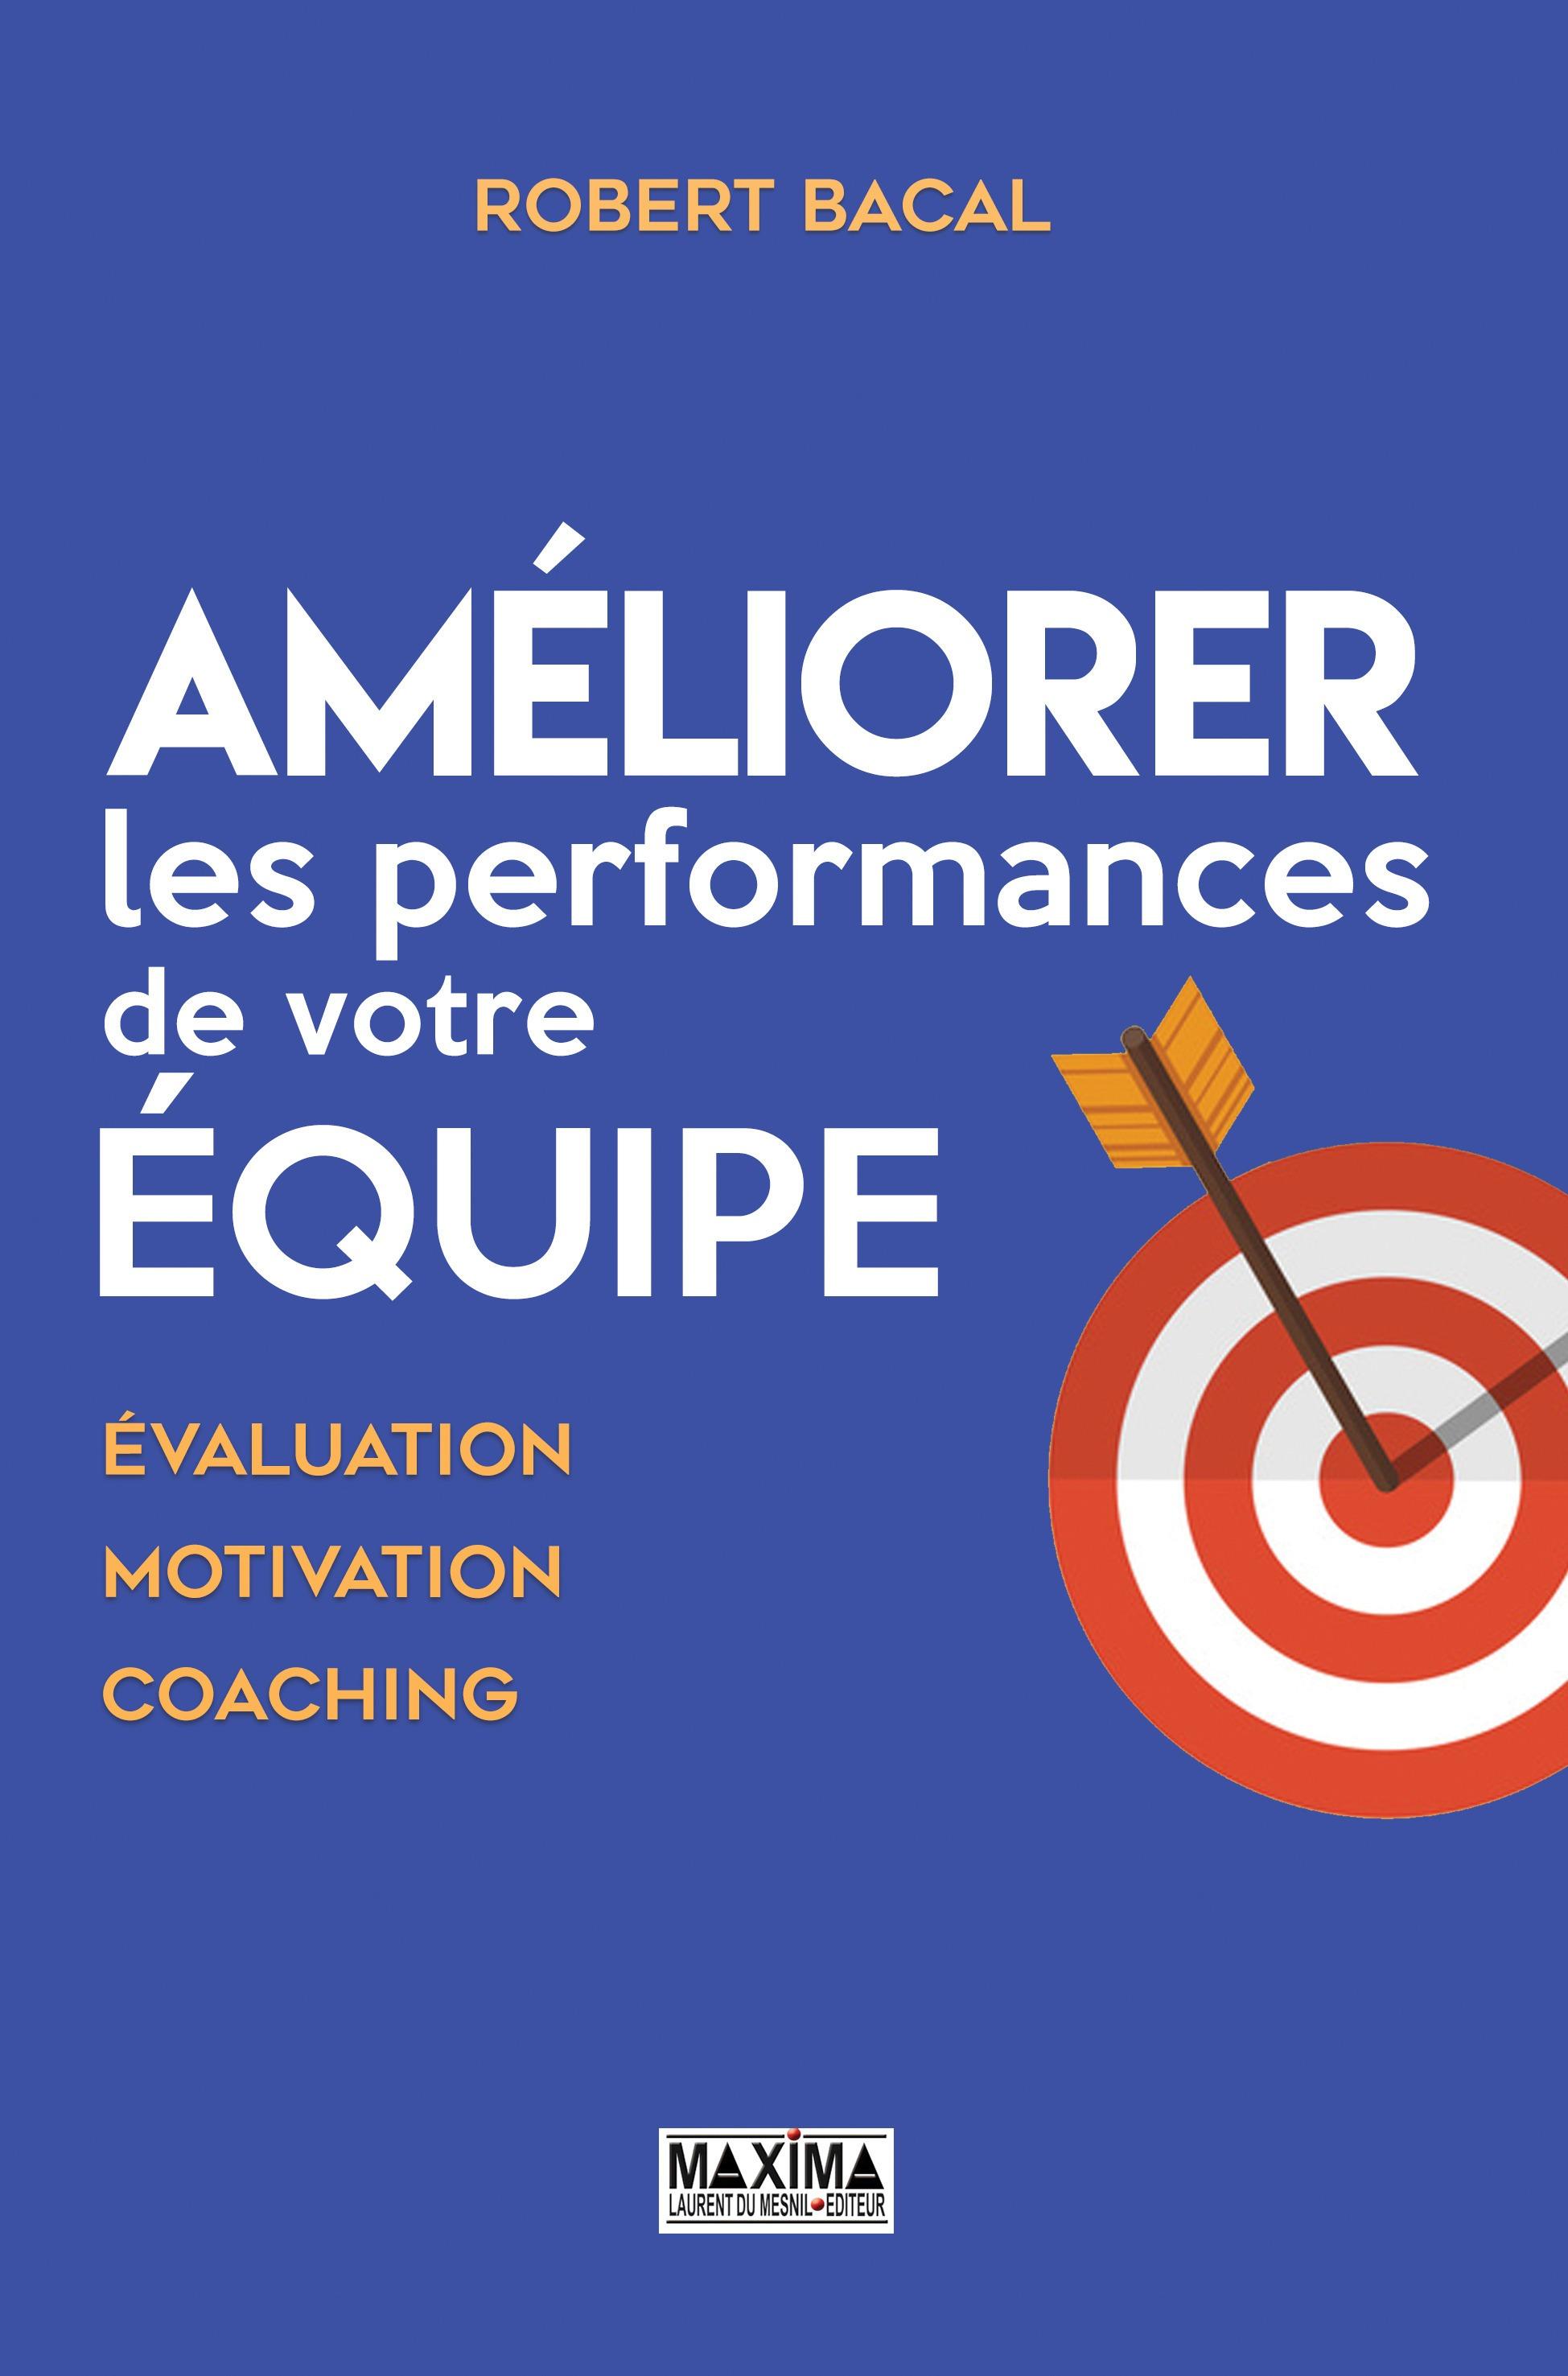 Améliorer les performances de votre équipe, EVALUATION, MOTIVATION, COACHING